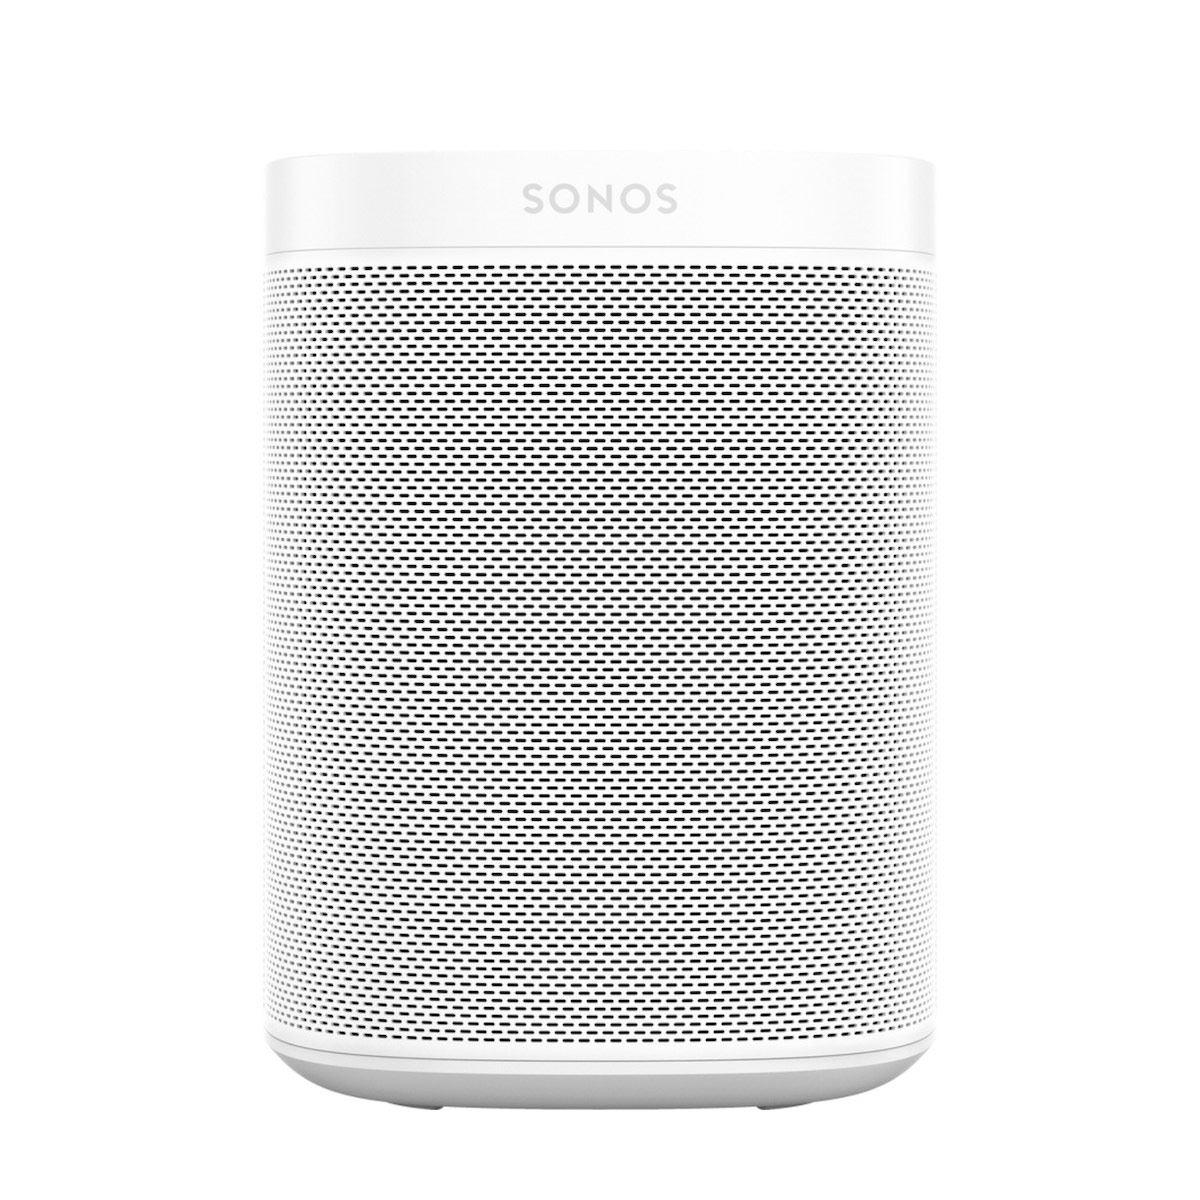 Bocina Sonos One Generación 2 Blanca